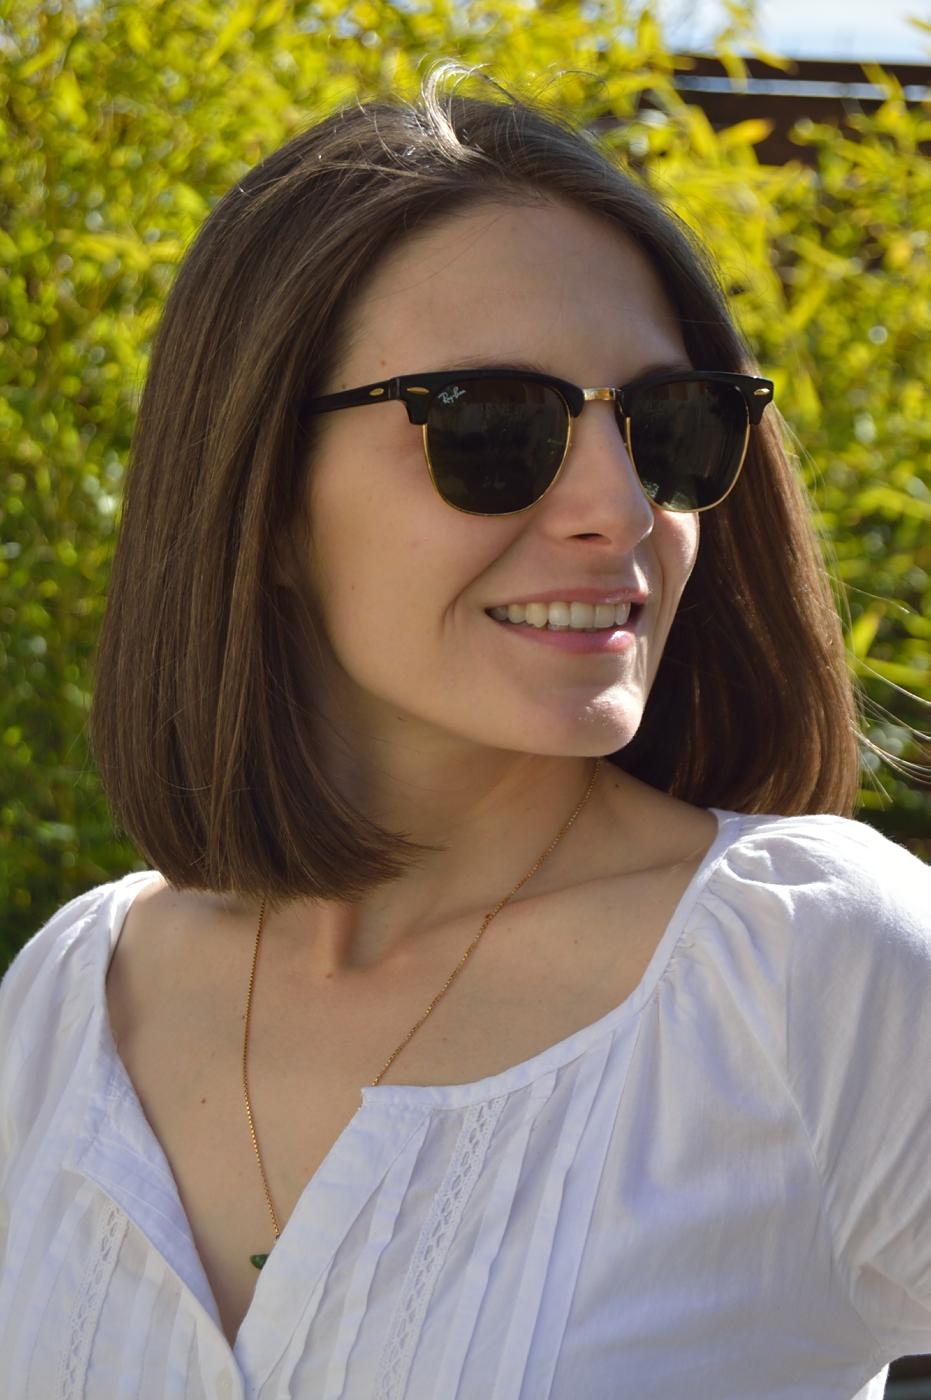 lara-vazquez-madlula-happy-face-classic-rayban-white-shirt